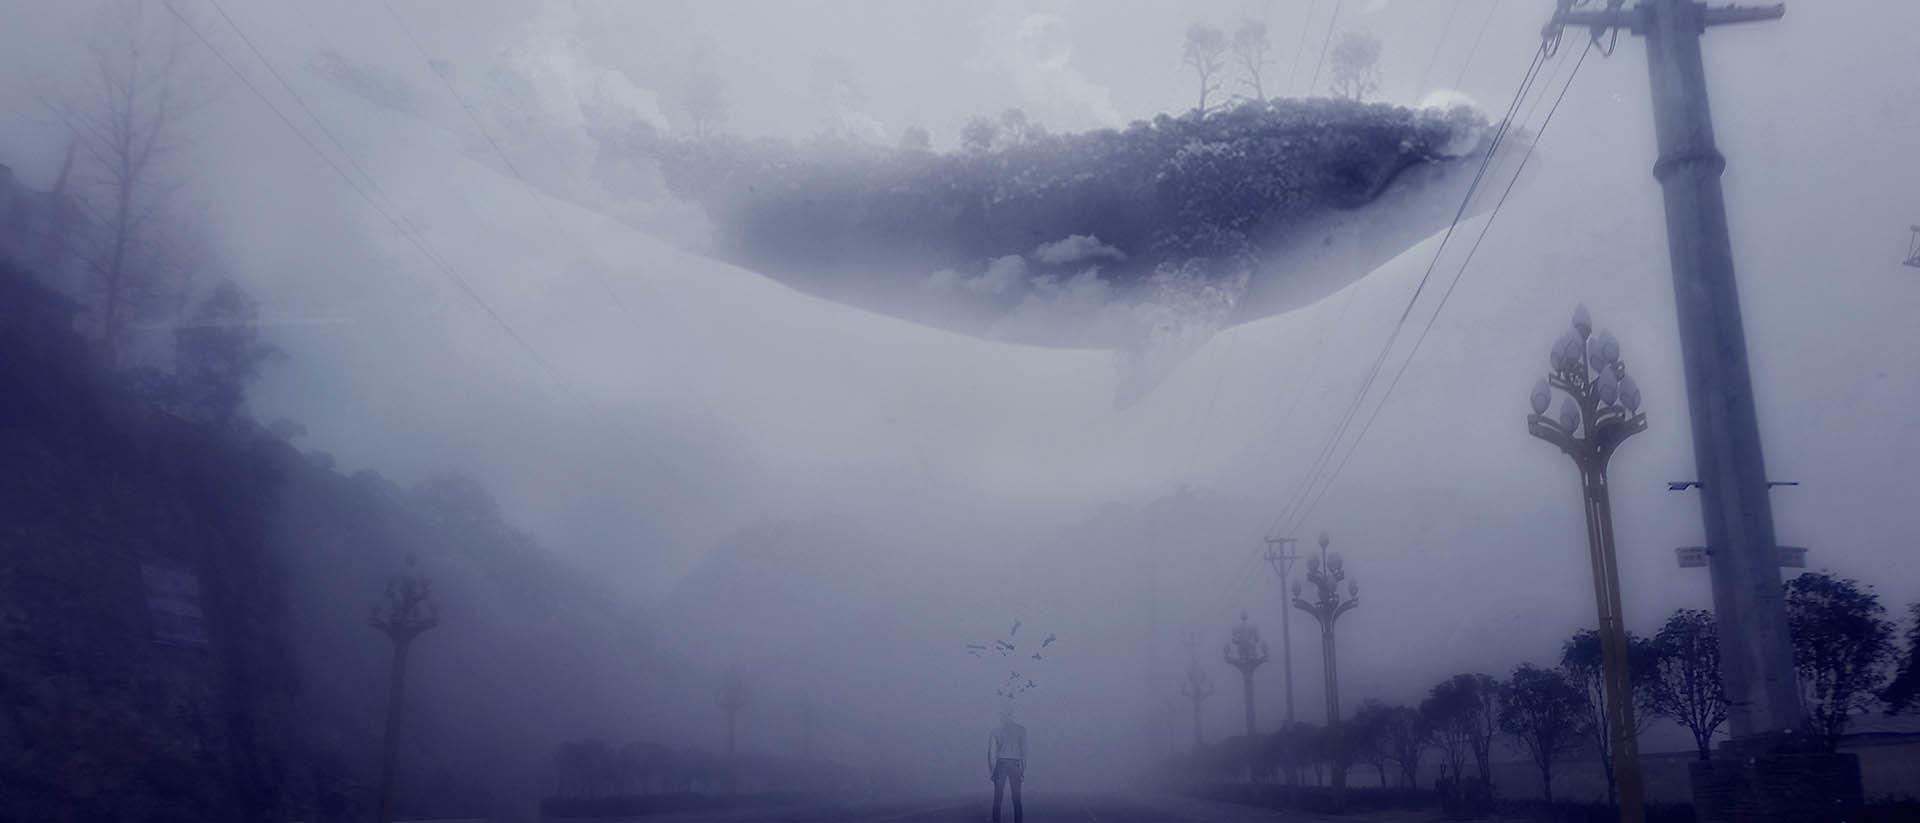 Sci fi blog banner